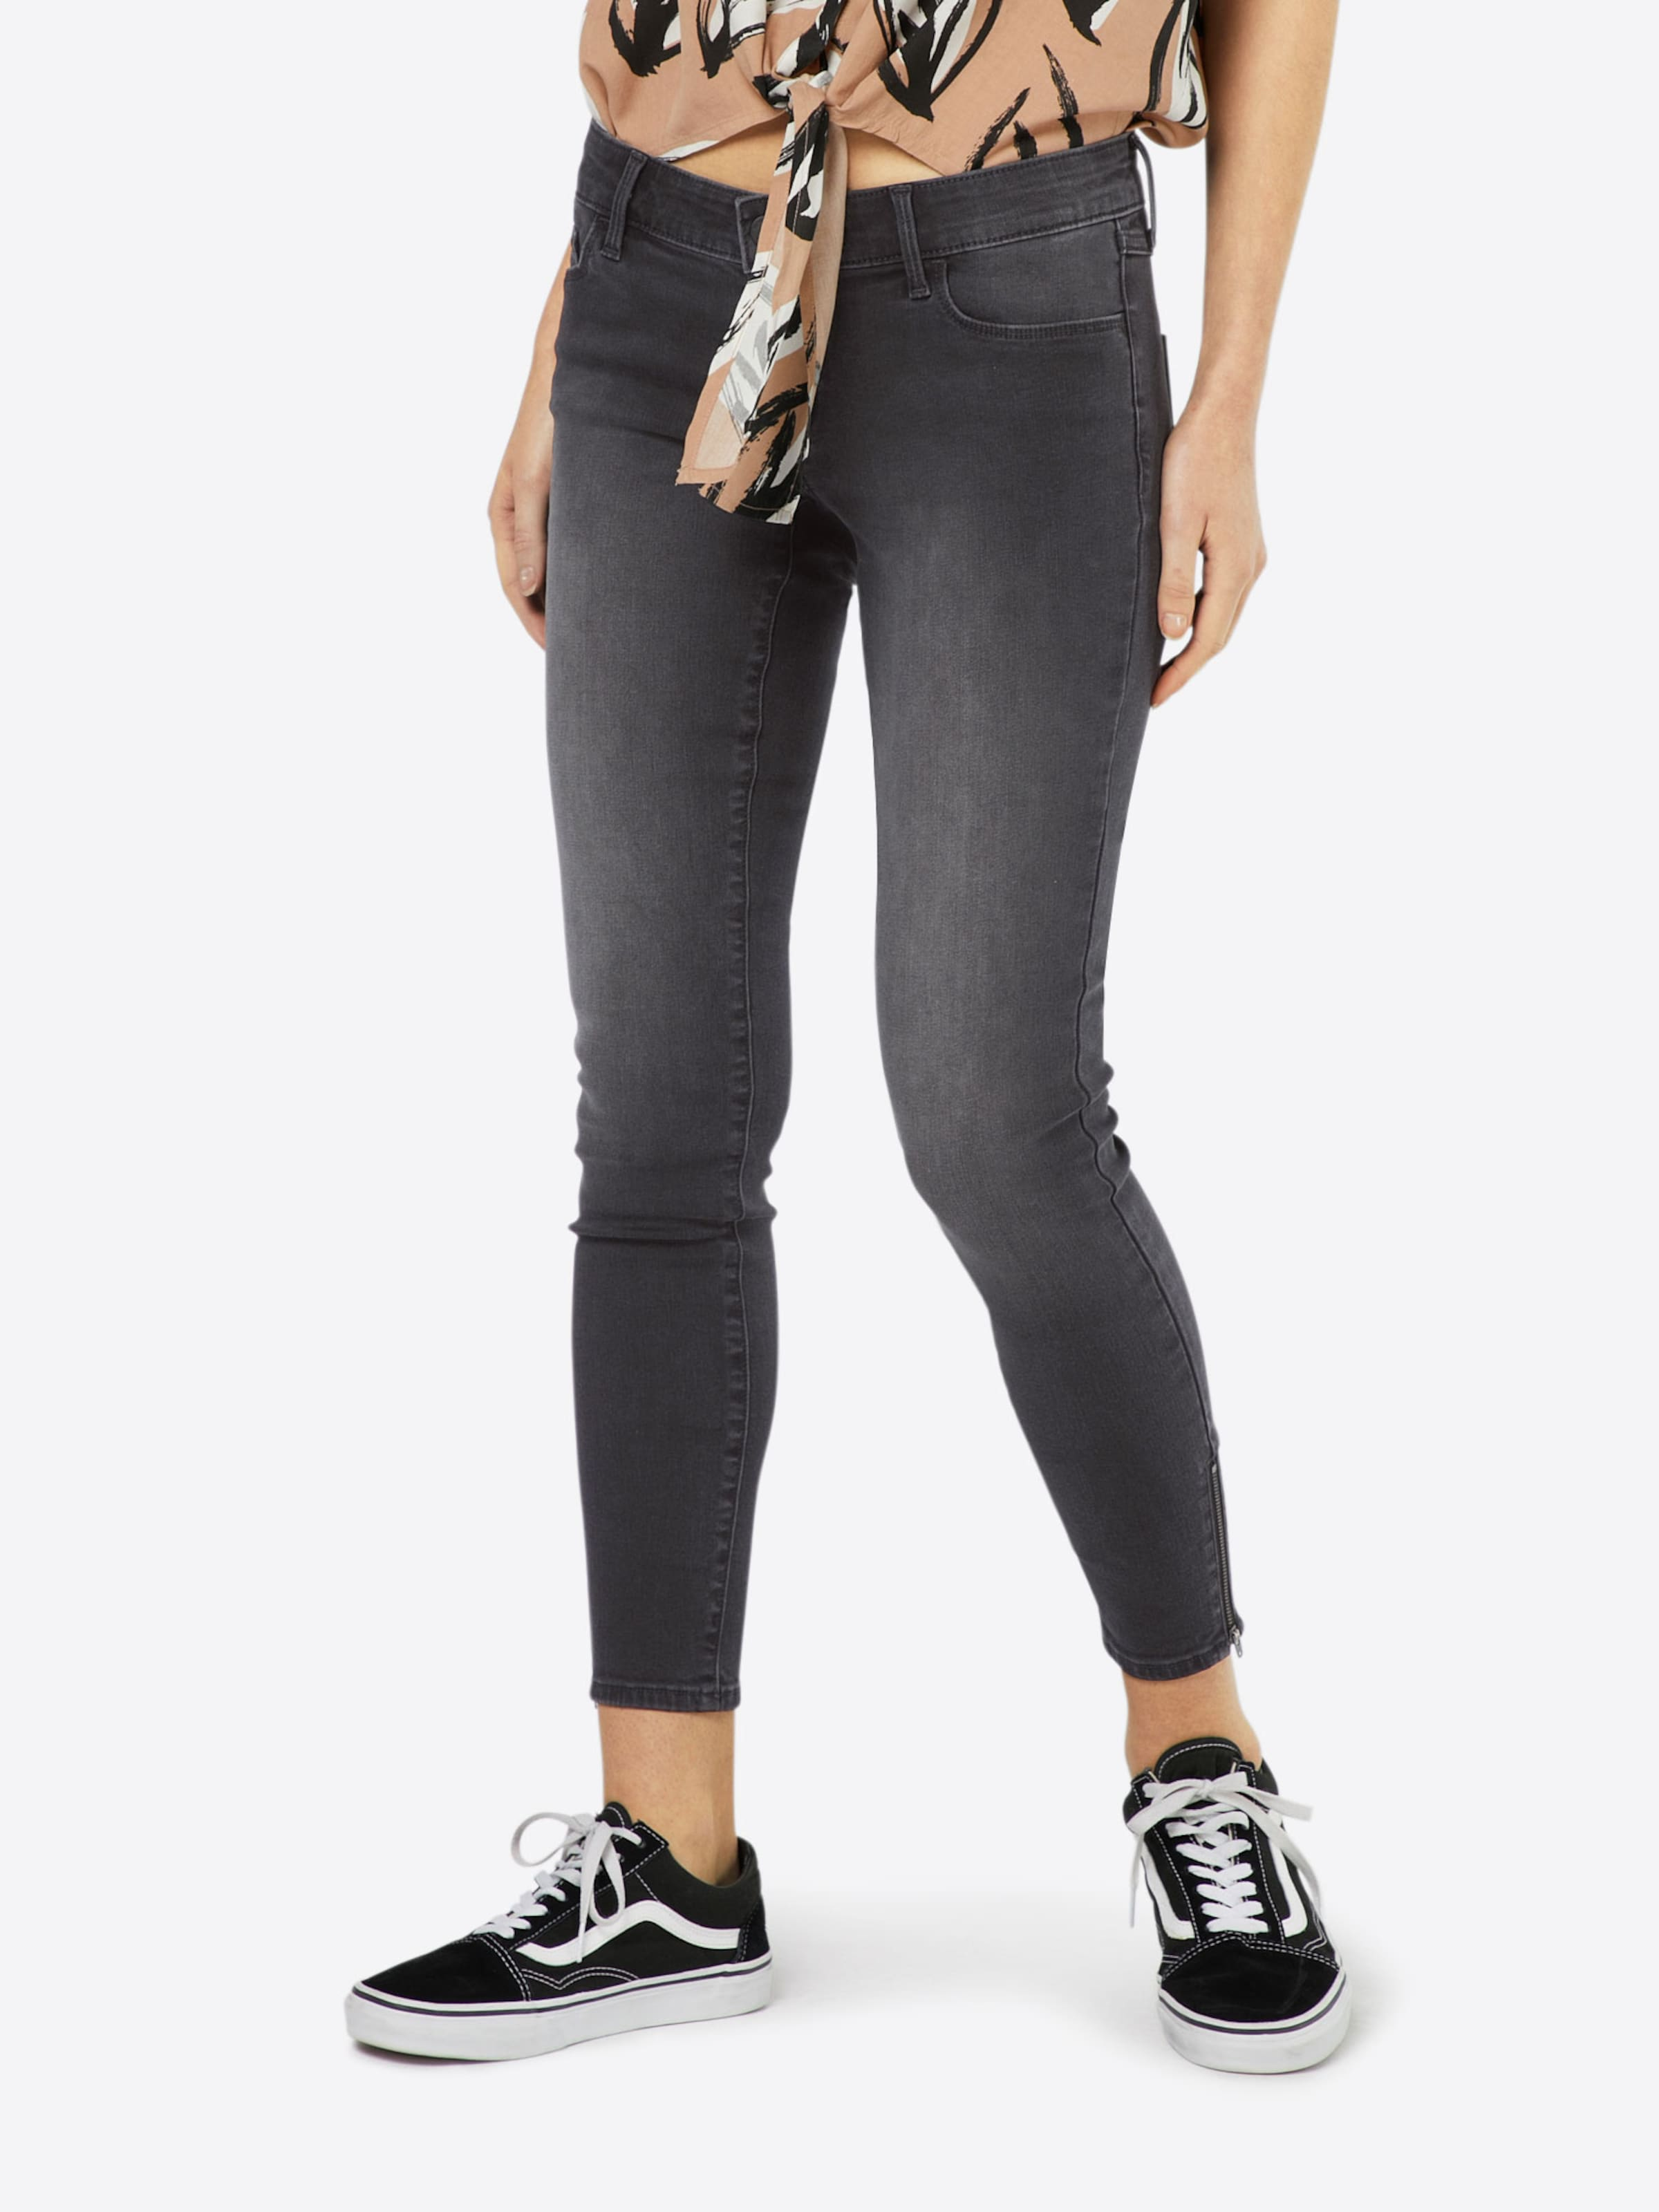 VERO MODA Jeans 'FIVE' Verkauf Beste Geschäft Zu Erhalten iVod5Pz9